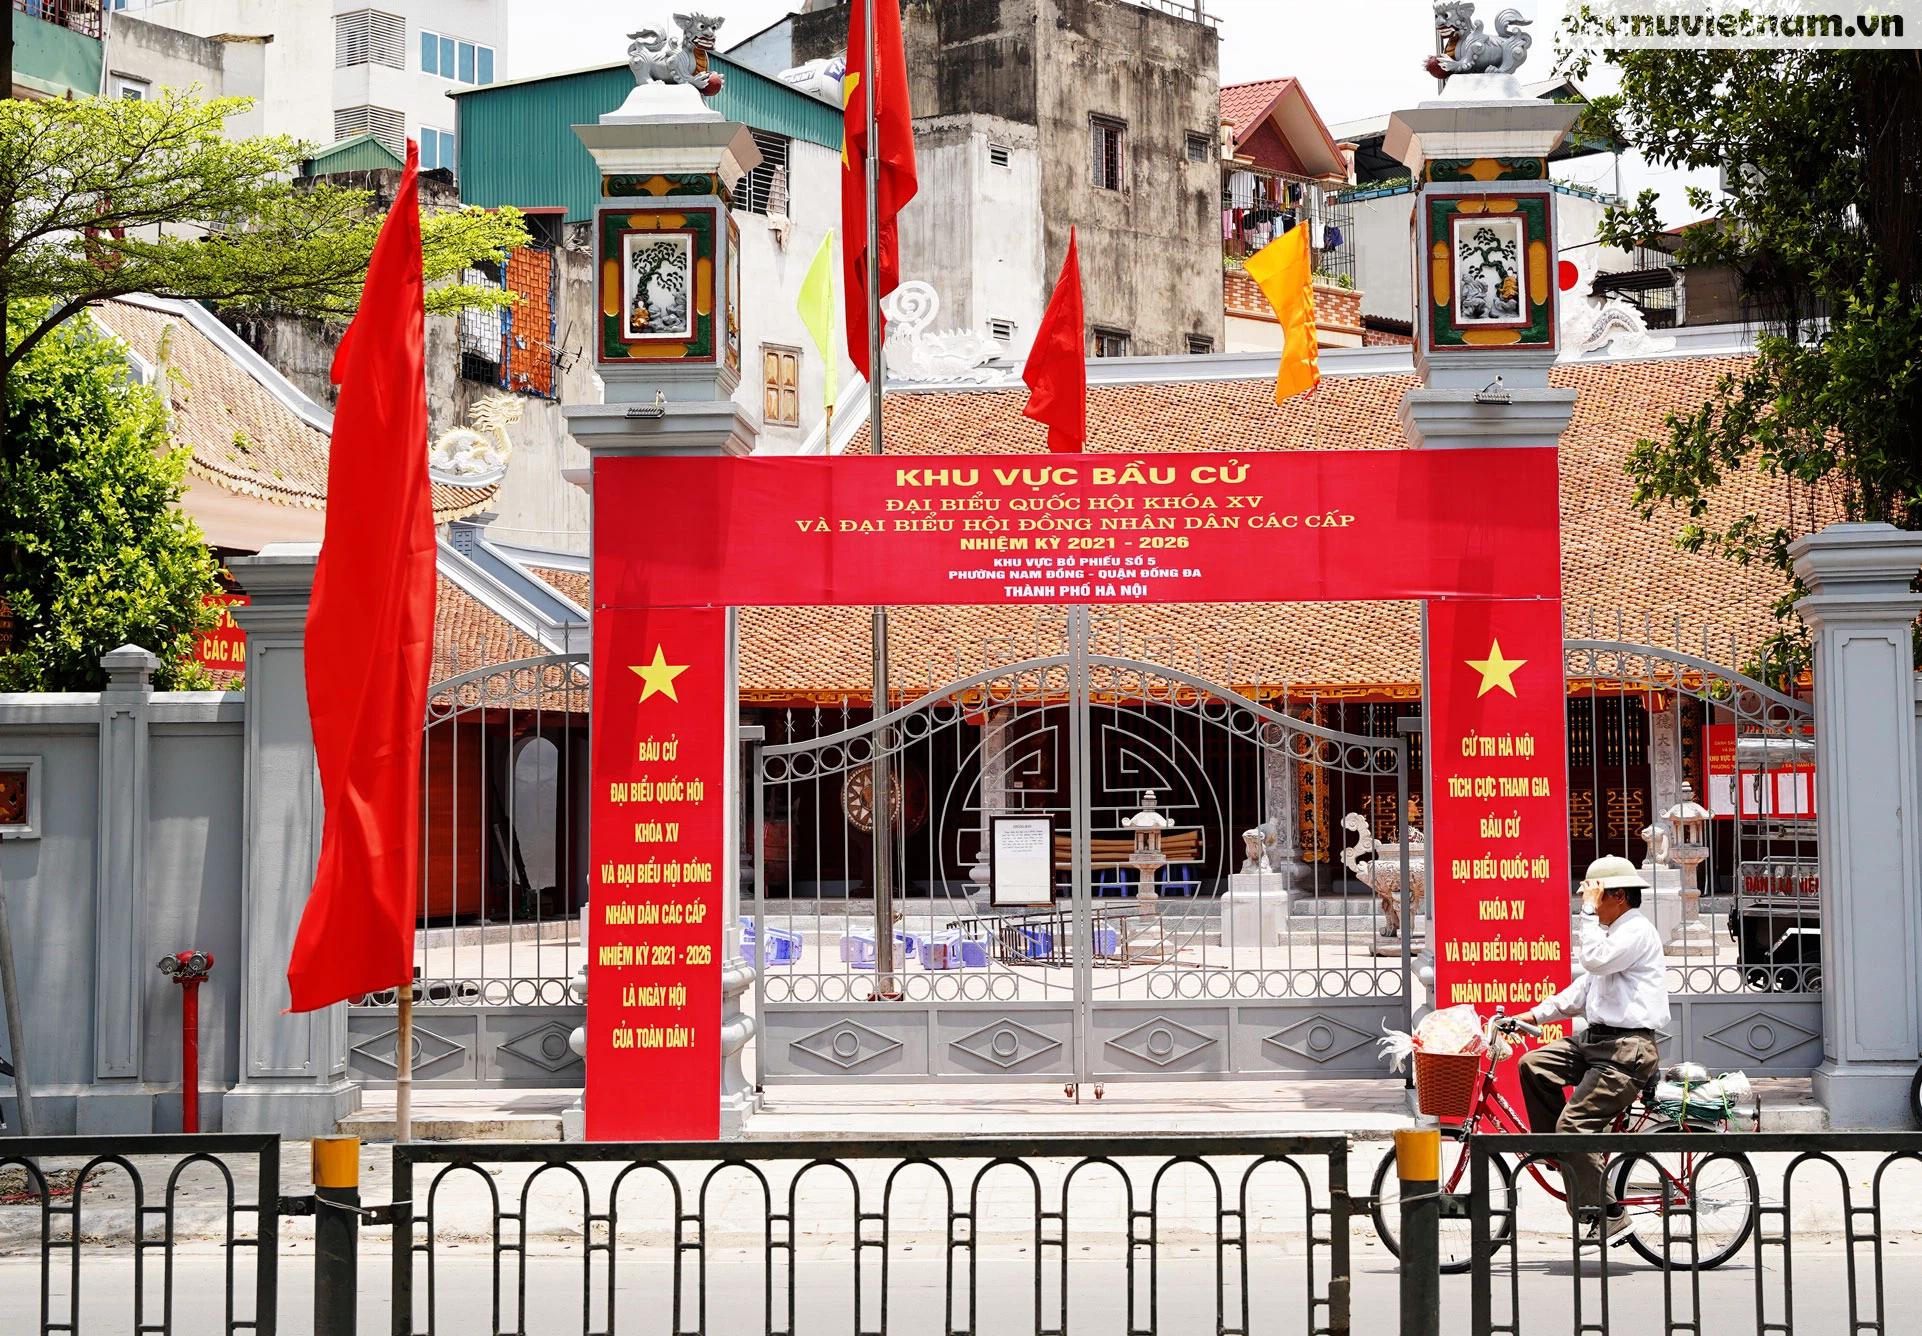 """Phố phường Hà Nội rừng rực khí thế chào mừng """"Ngày hội của toàn dân"""" - Ảnh 5."""